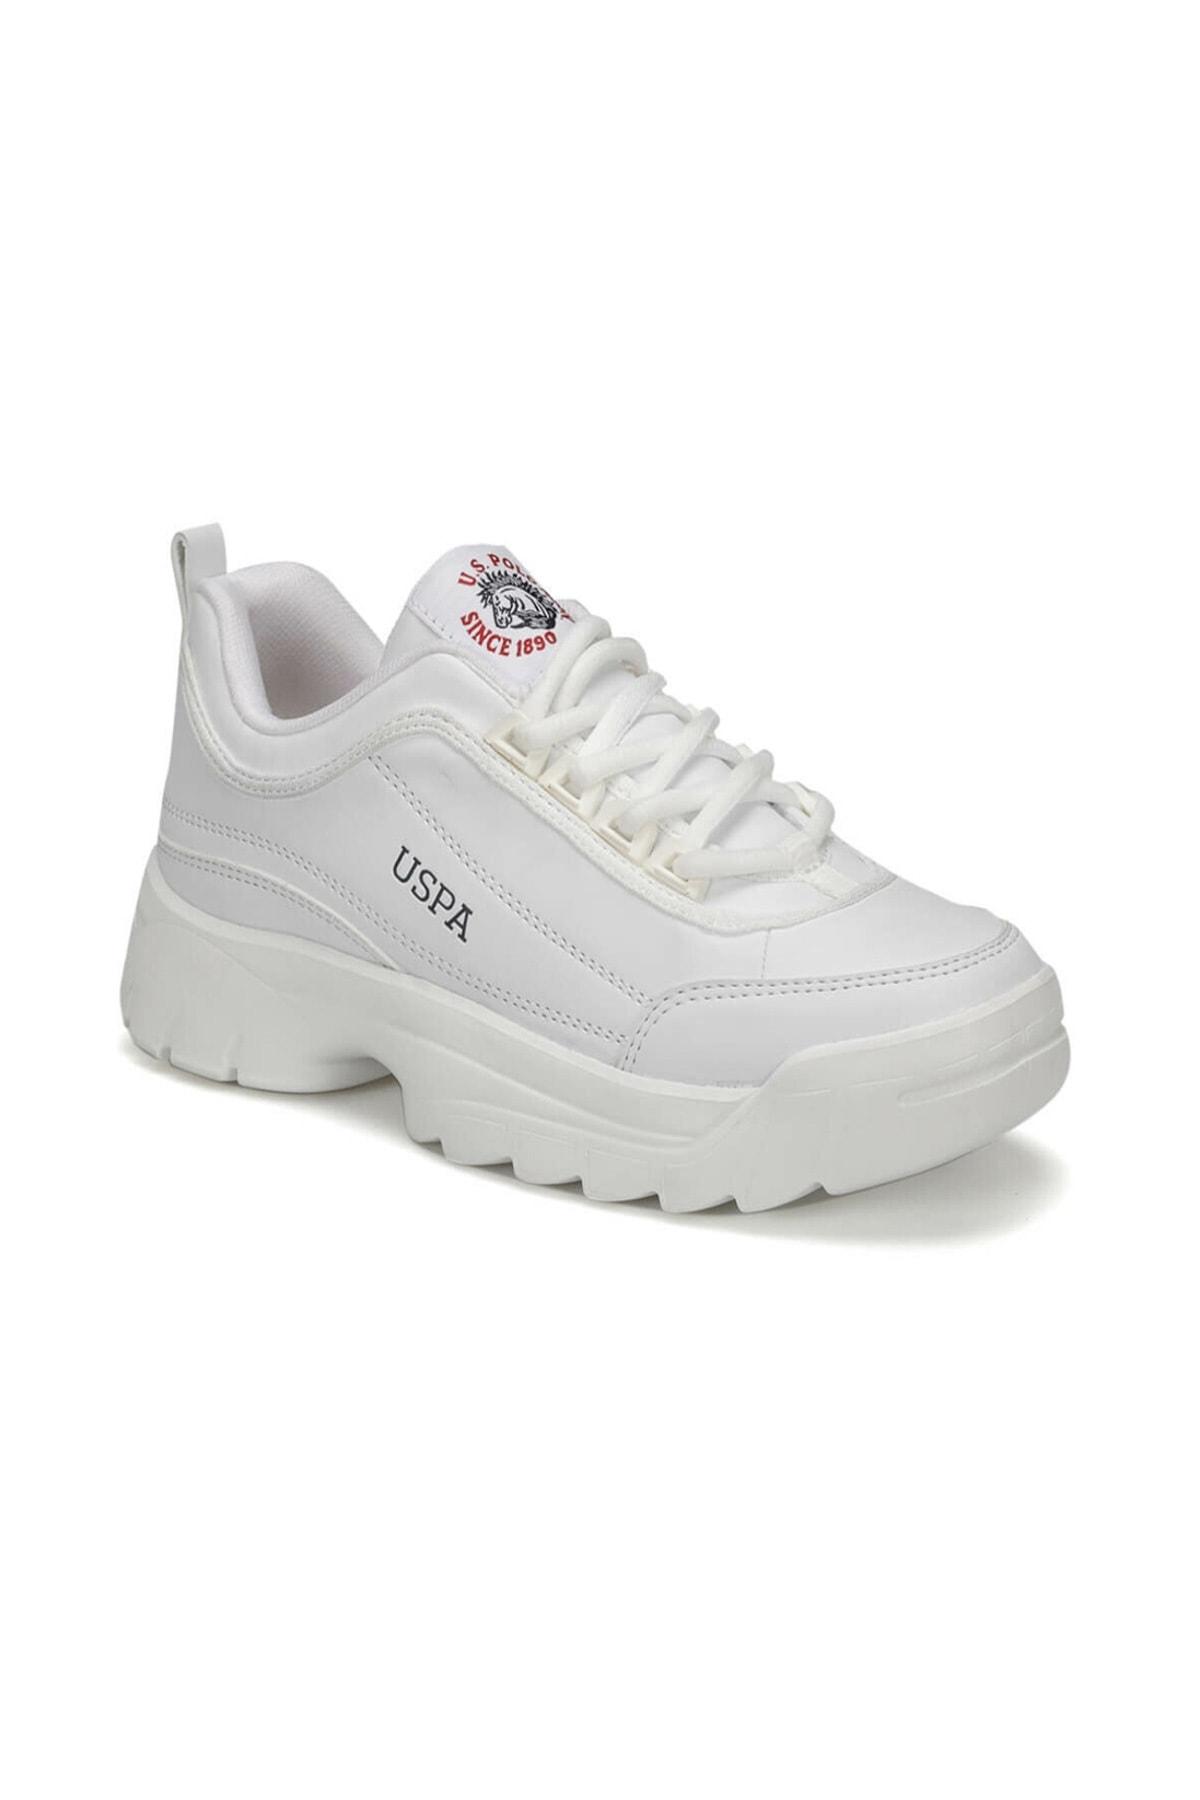 U.S. Polo Assn. Meiko 9pr 100418022 Kadın Spor Ayakkabı 1